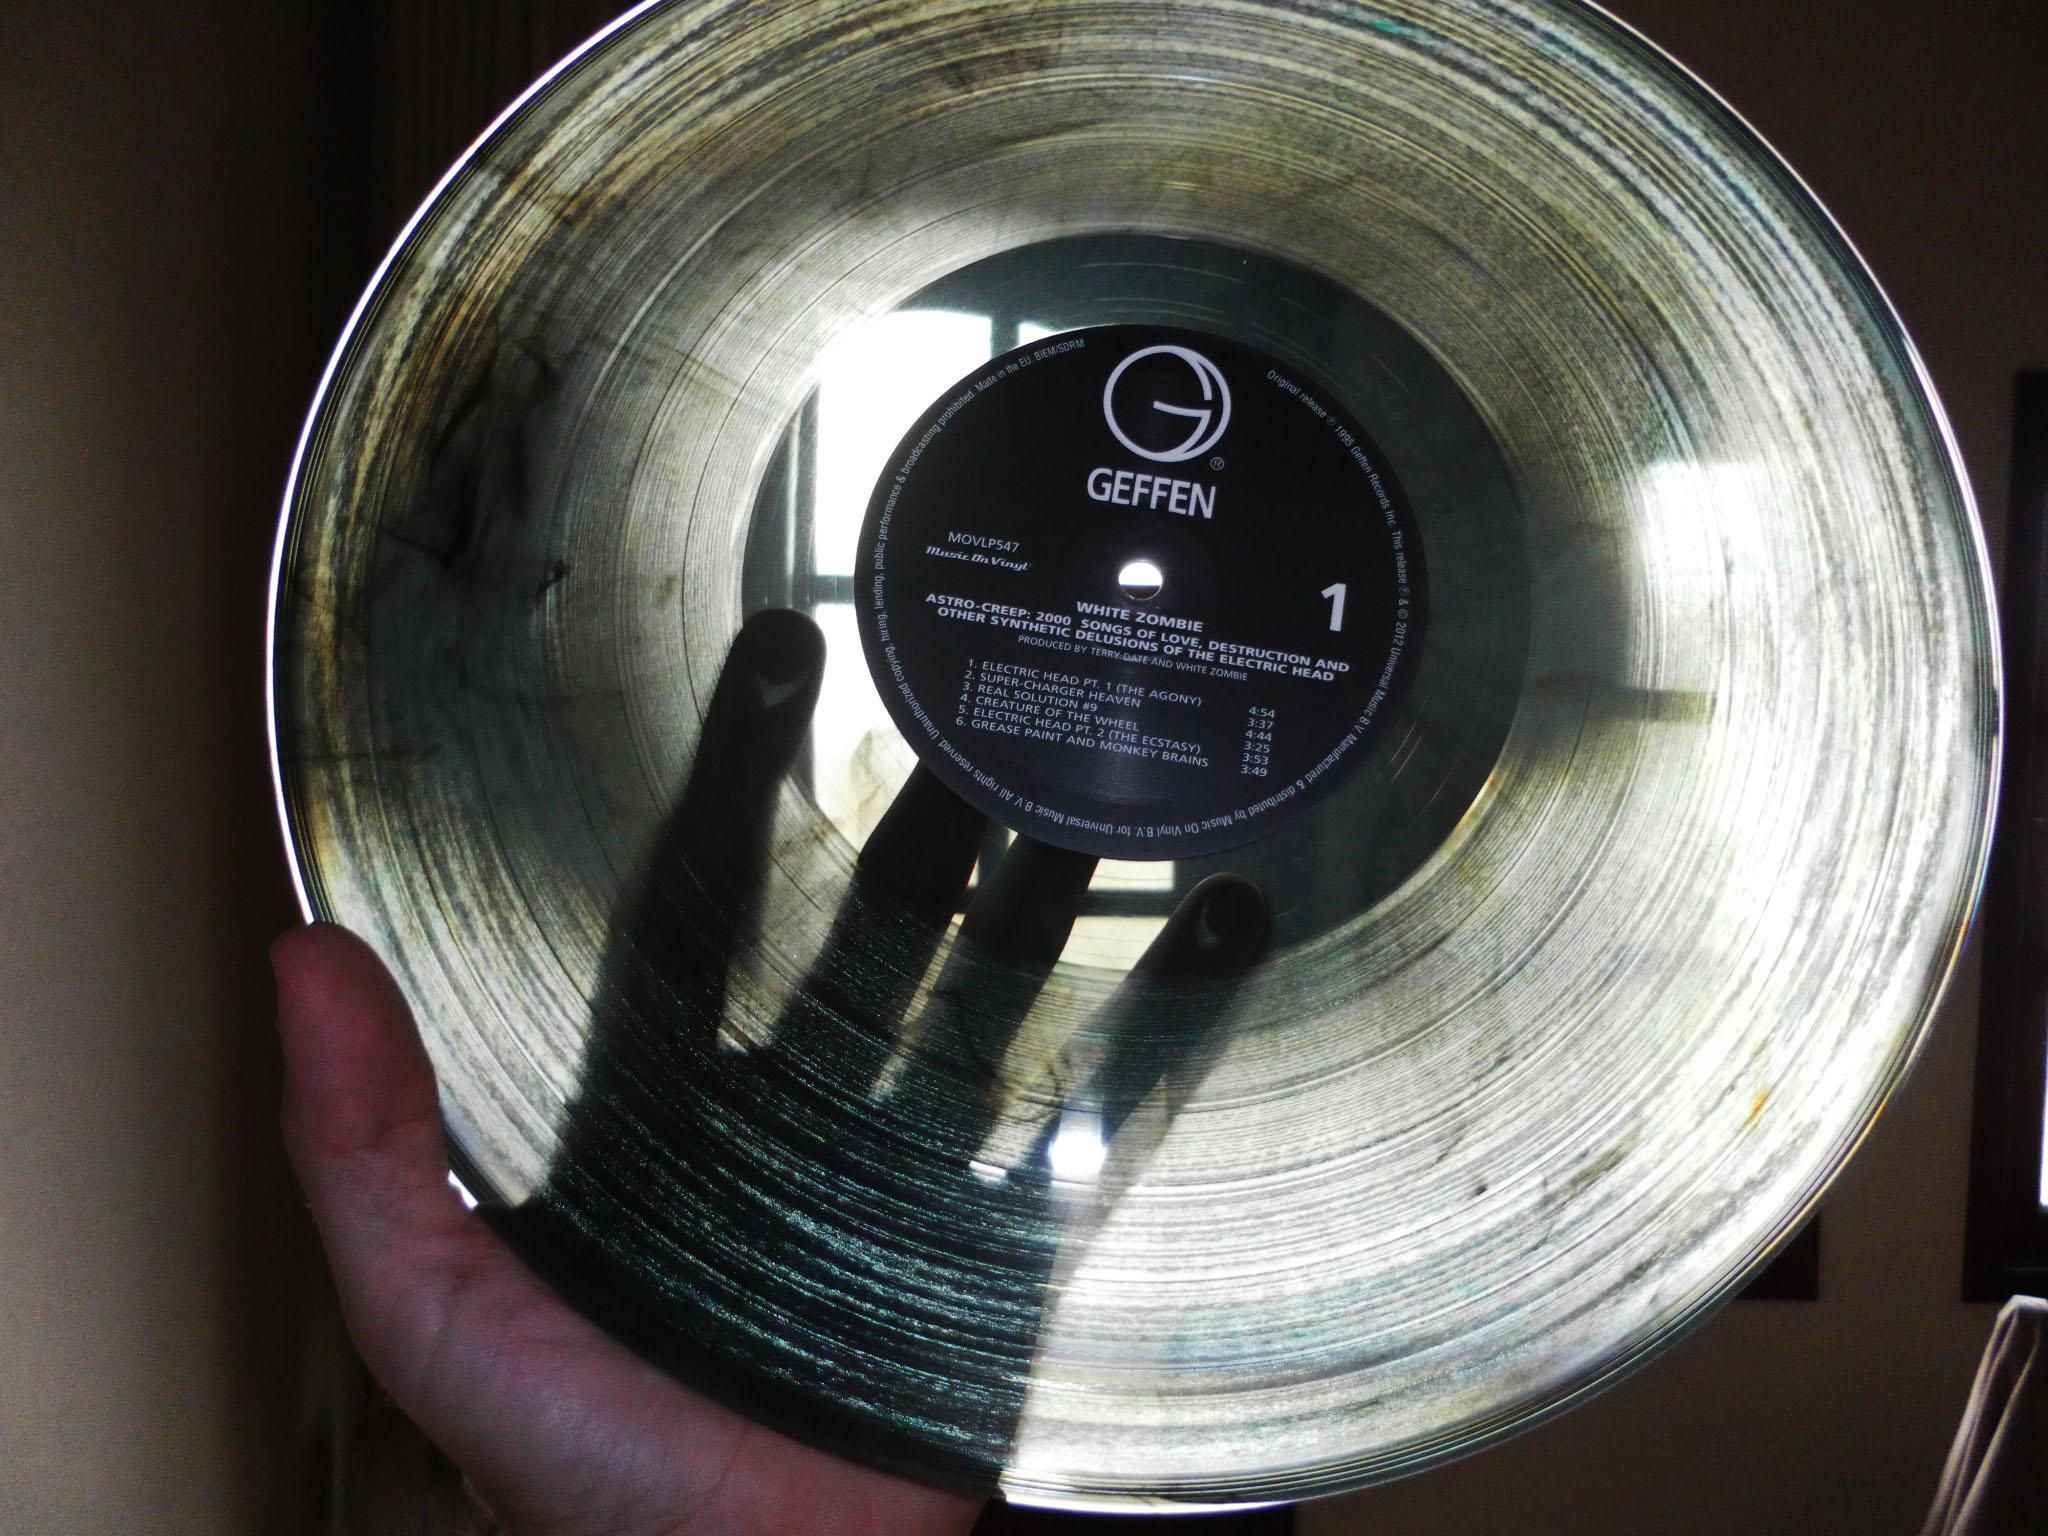 White Zombie Astro Creep 2000 Vinyl Repress 05